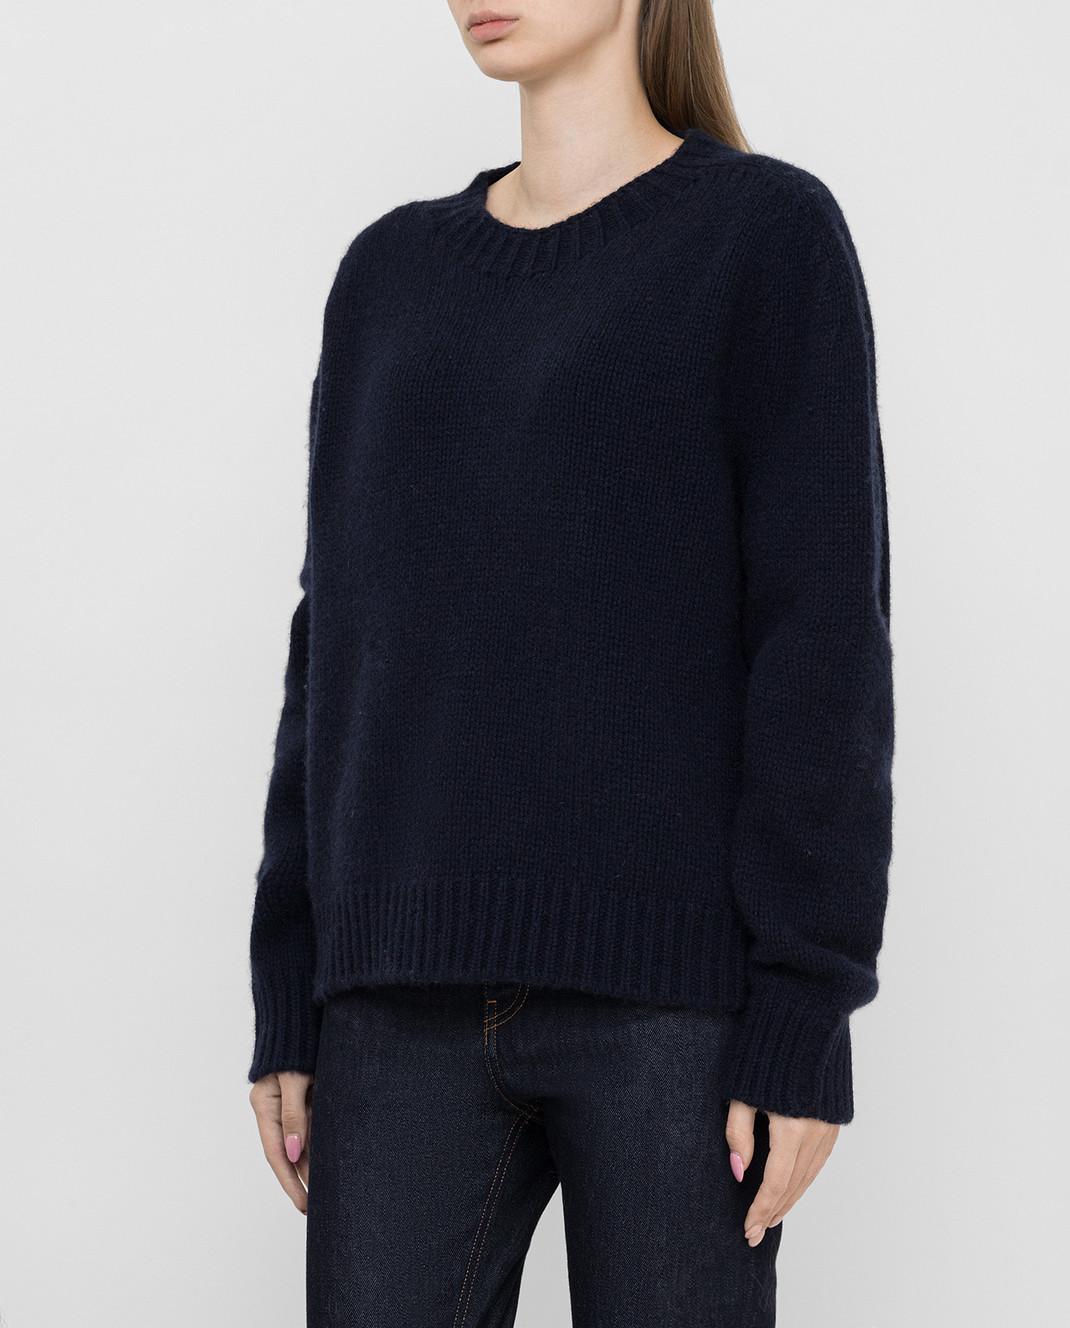 Lanvin Темно-синий свитер из кашемира изображение 3